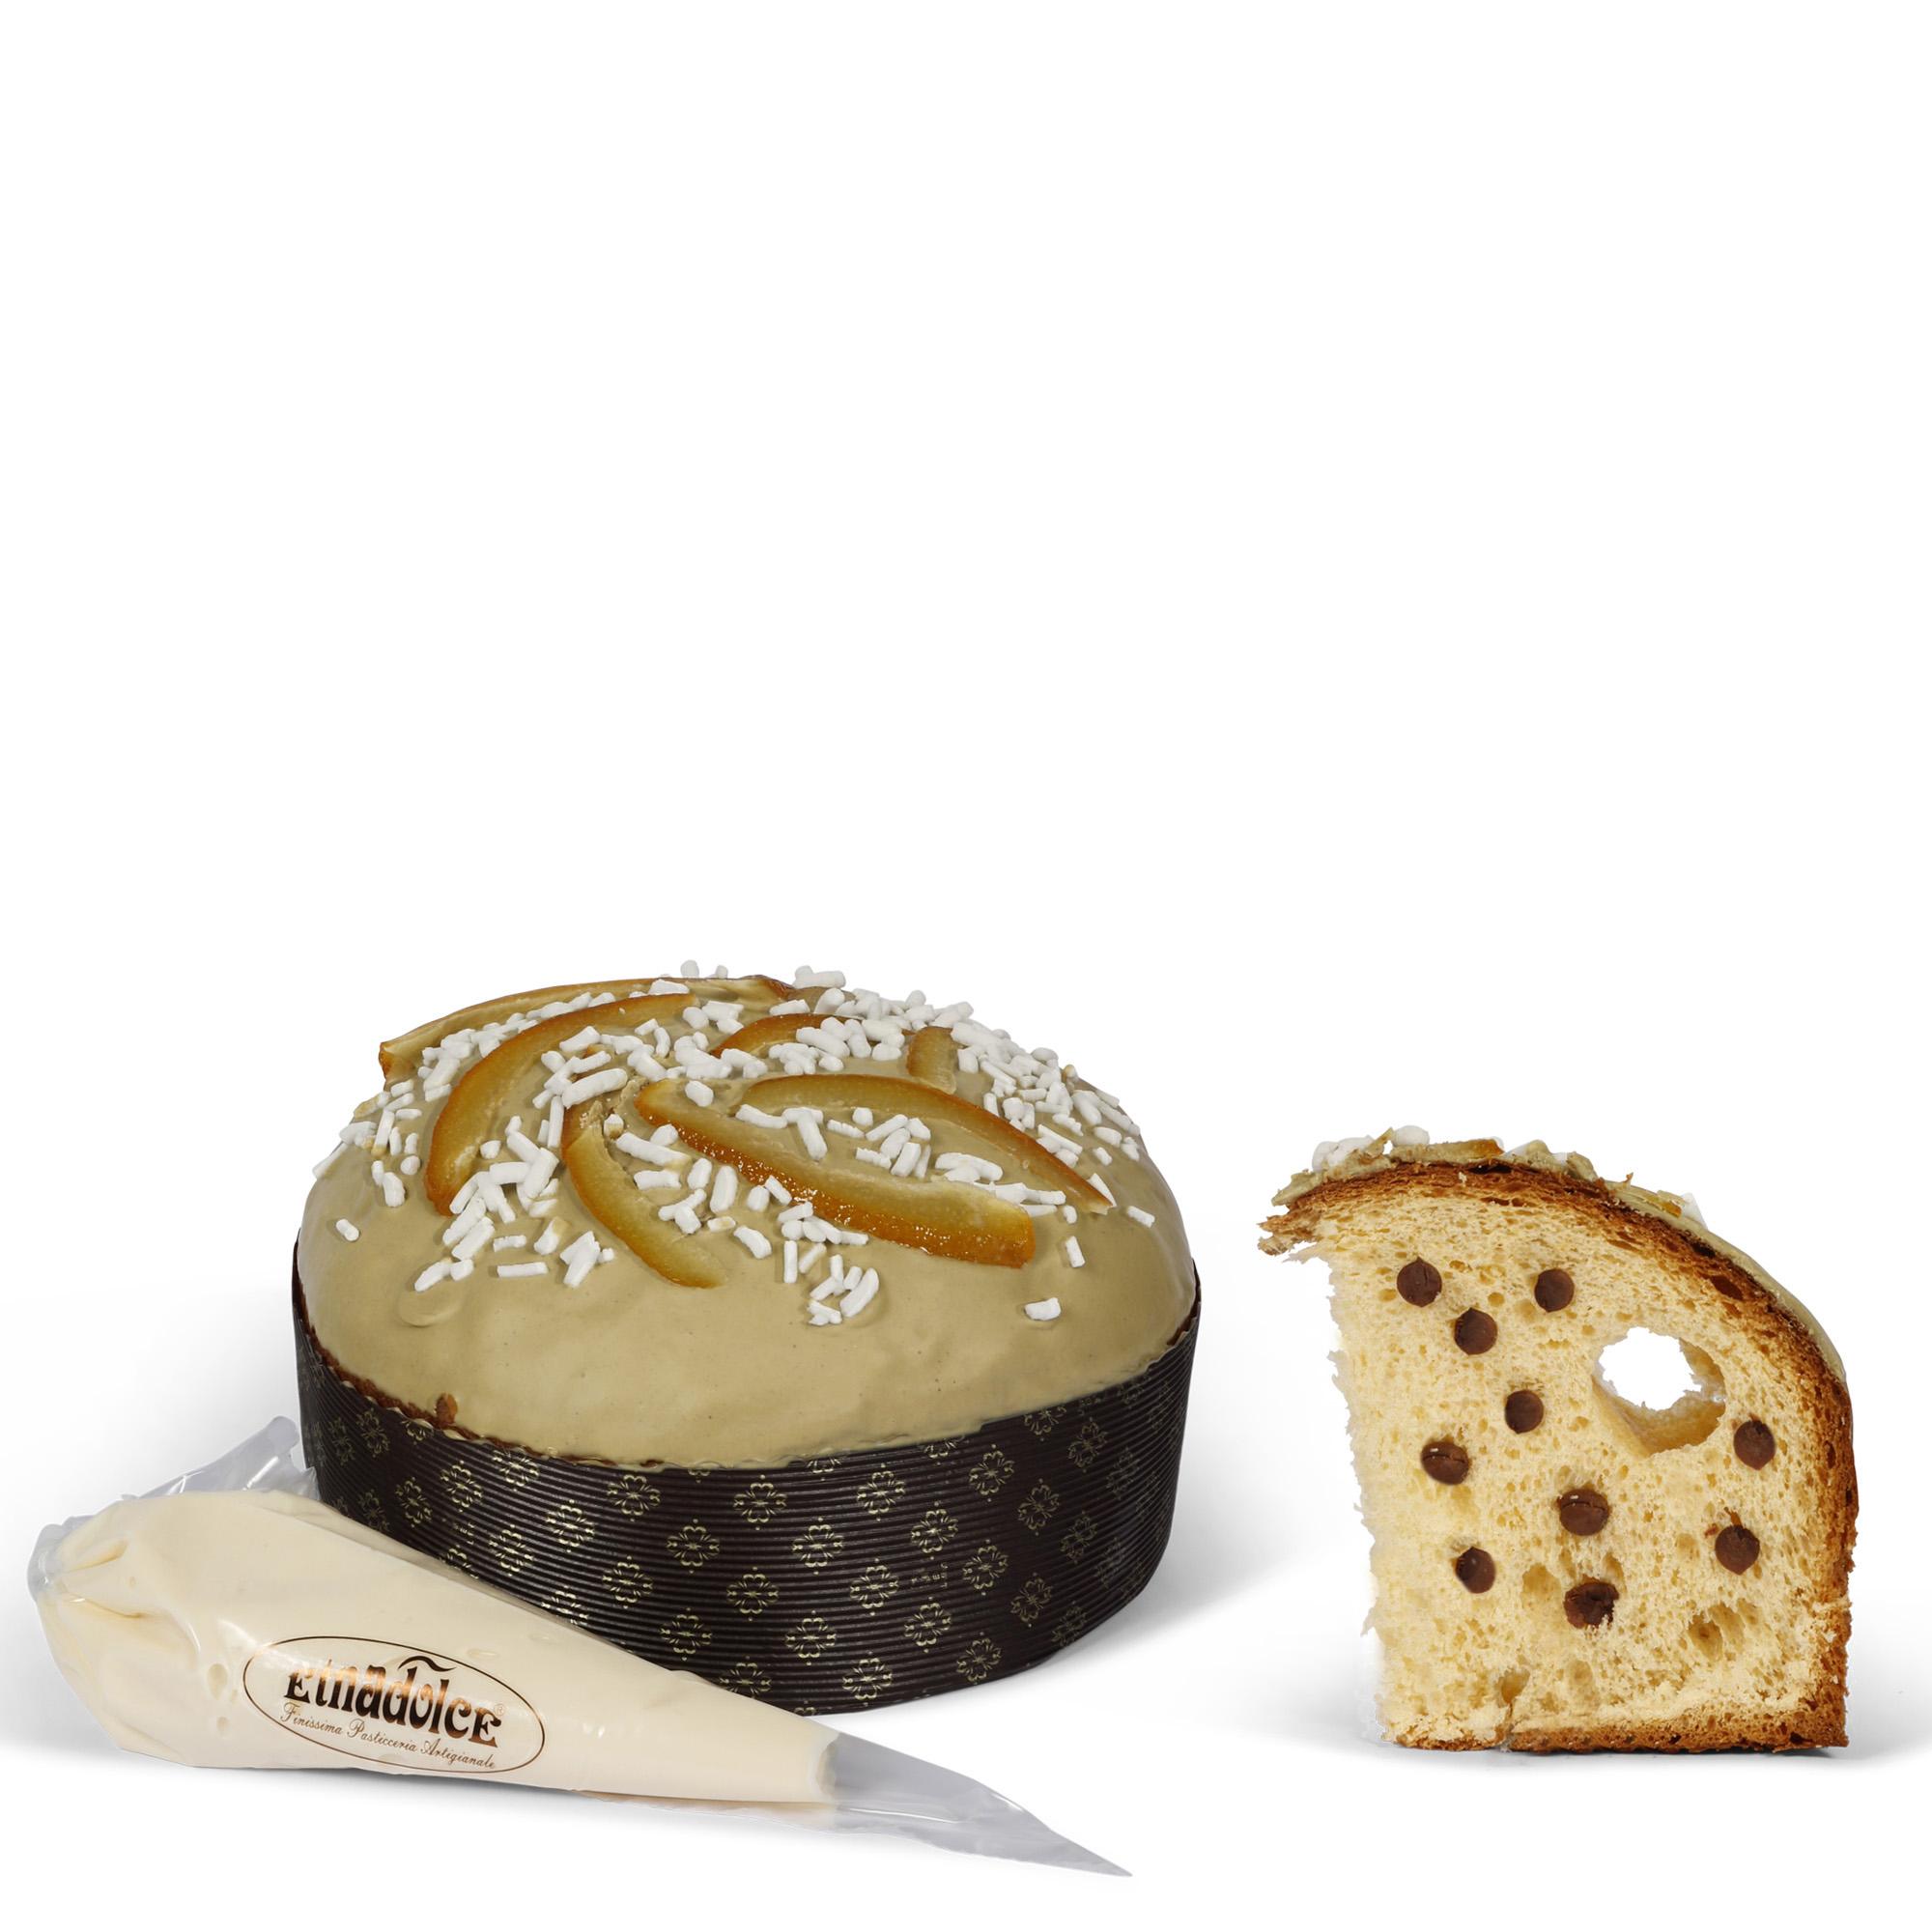 Panettone Sicilian Cassata with cream in sac a poche